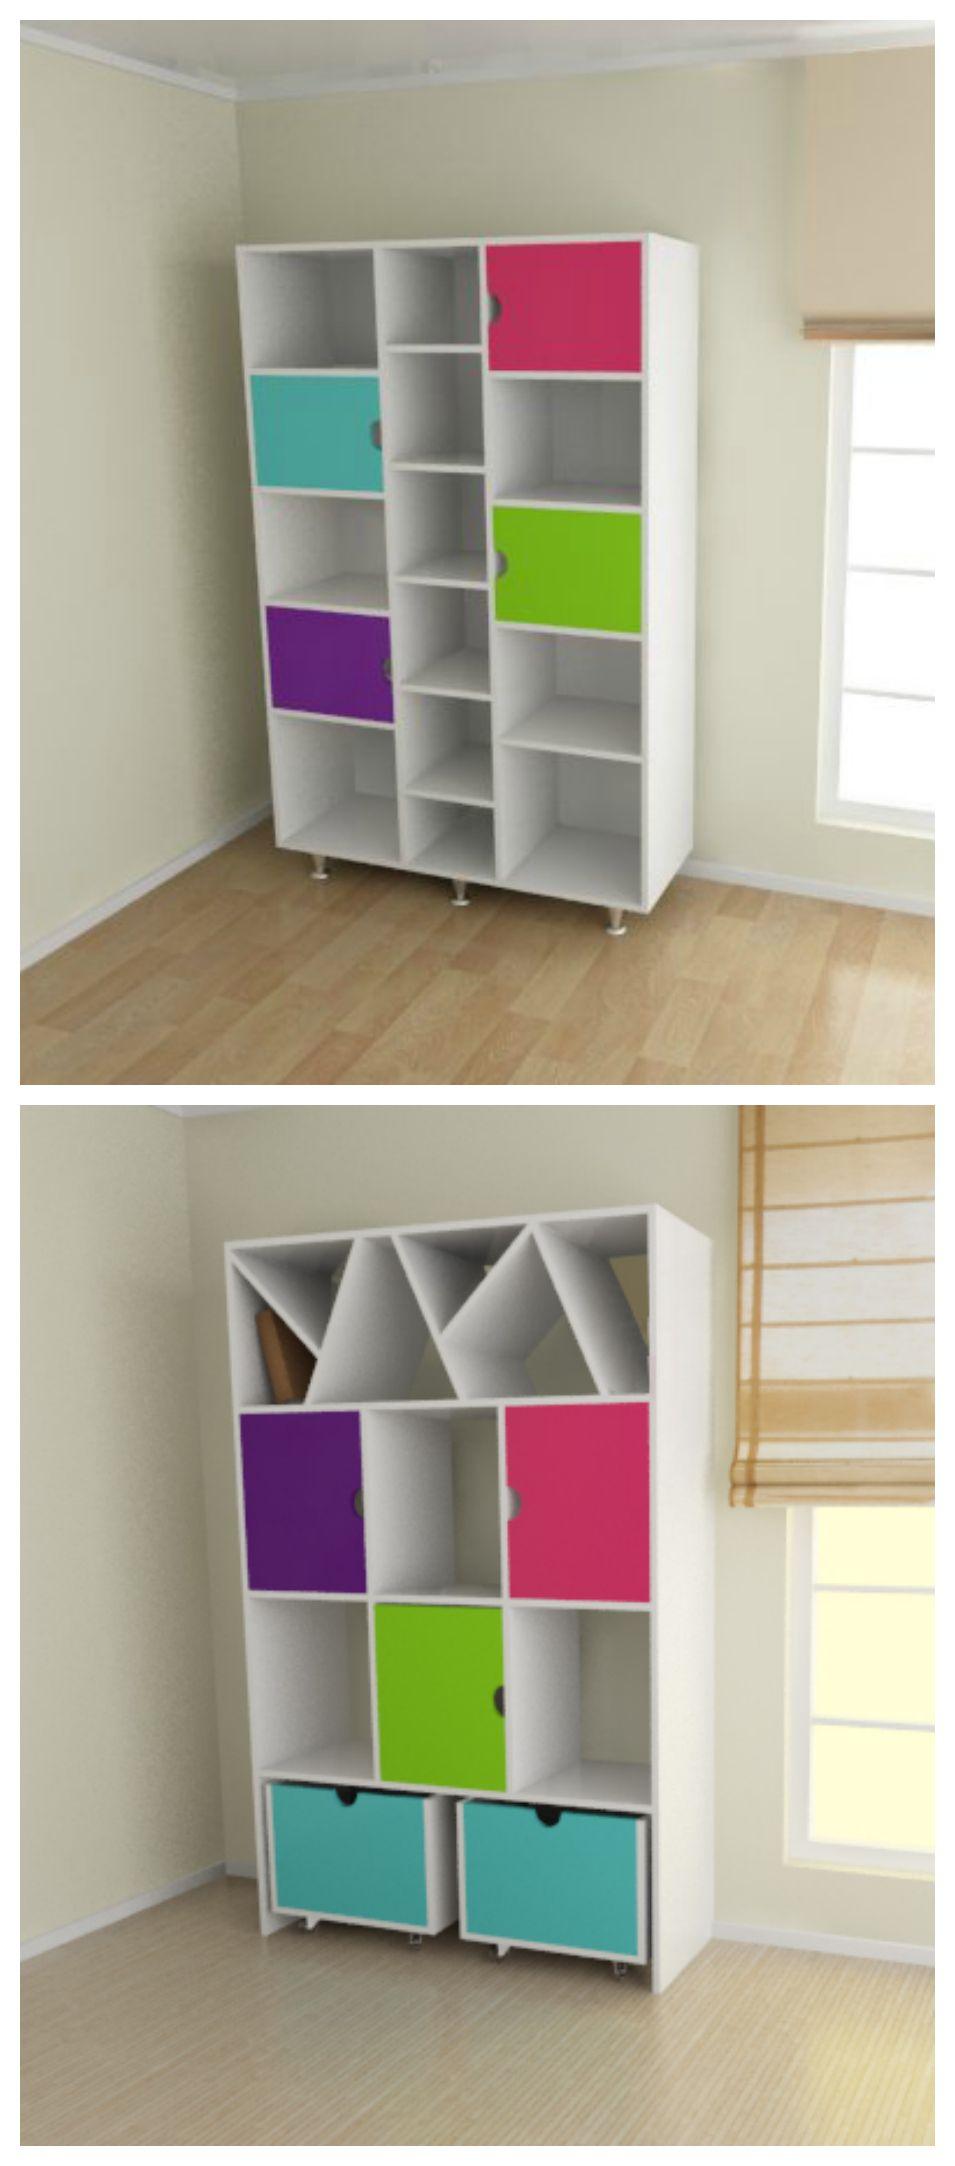 Mueble biblioteca especial para el dormitorio de los ni os for Dormitorios infantiles nino